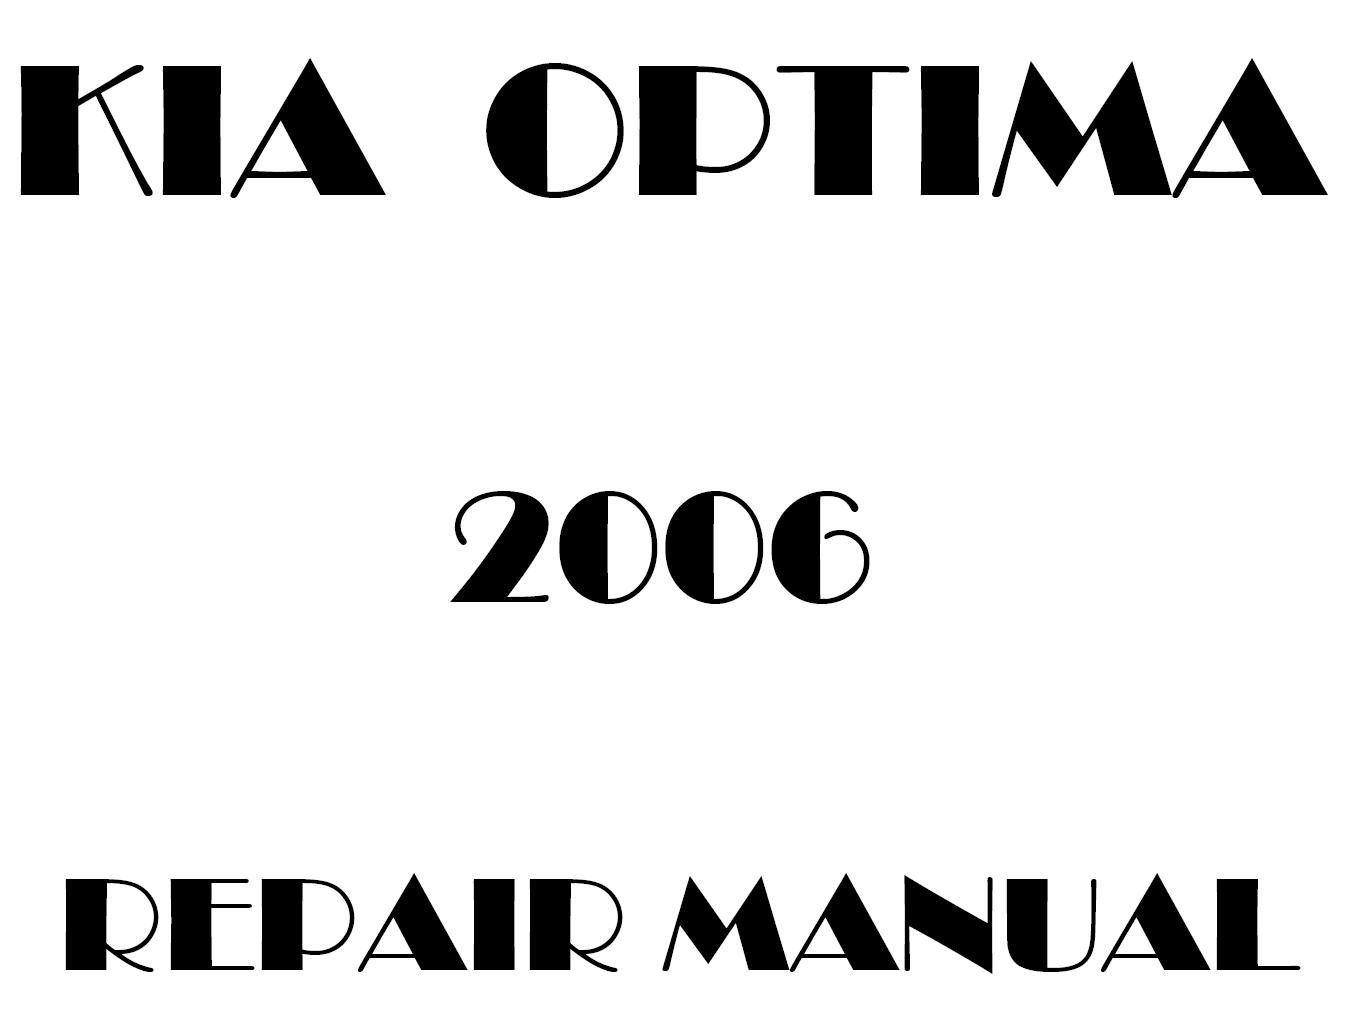 2006 Kia Optima repair manual